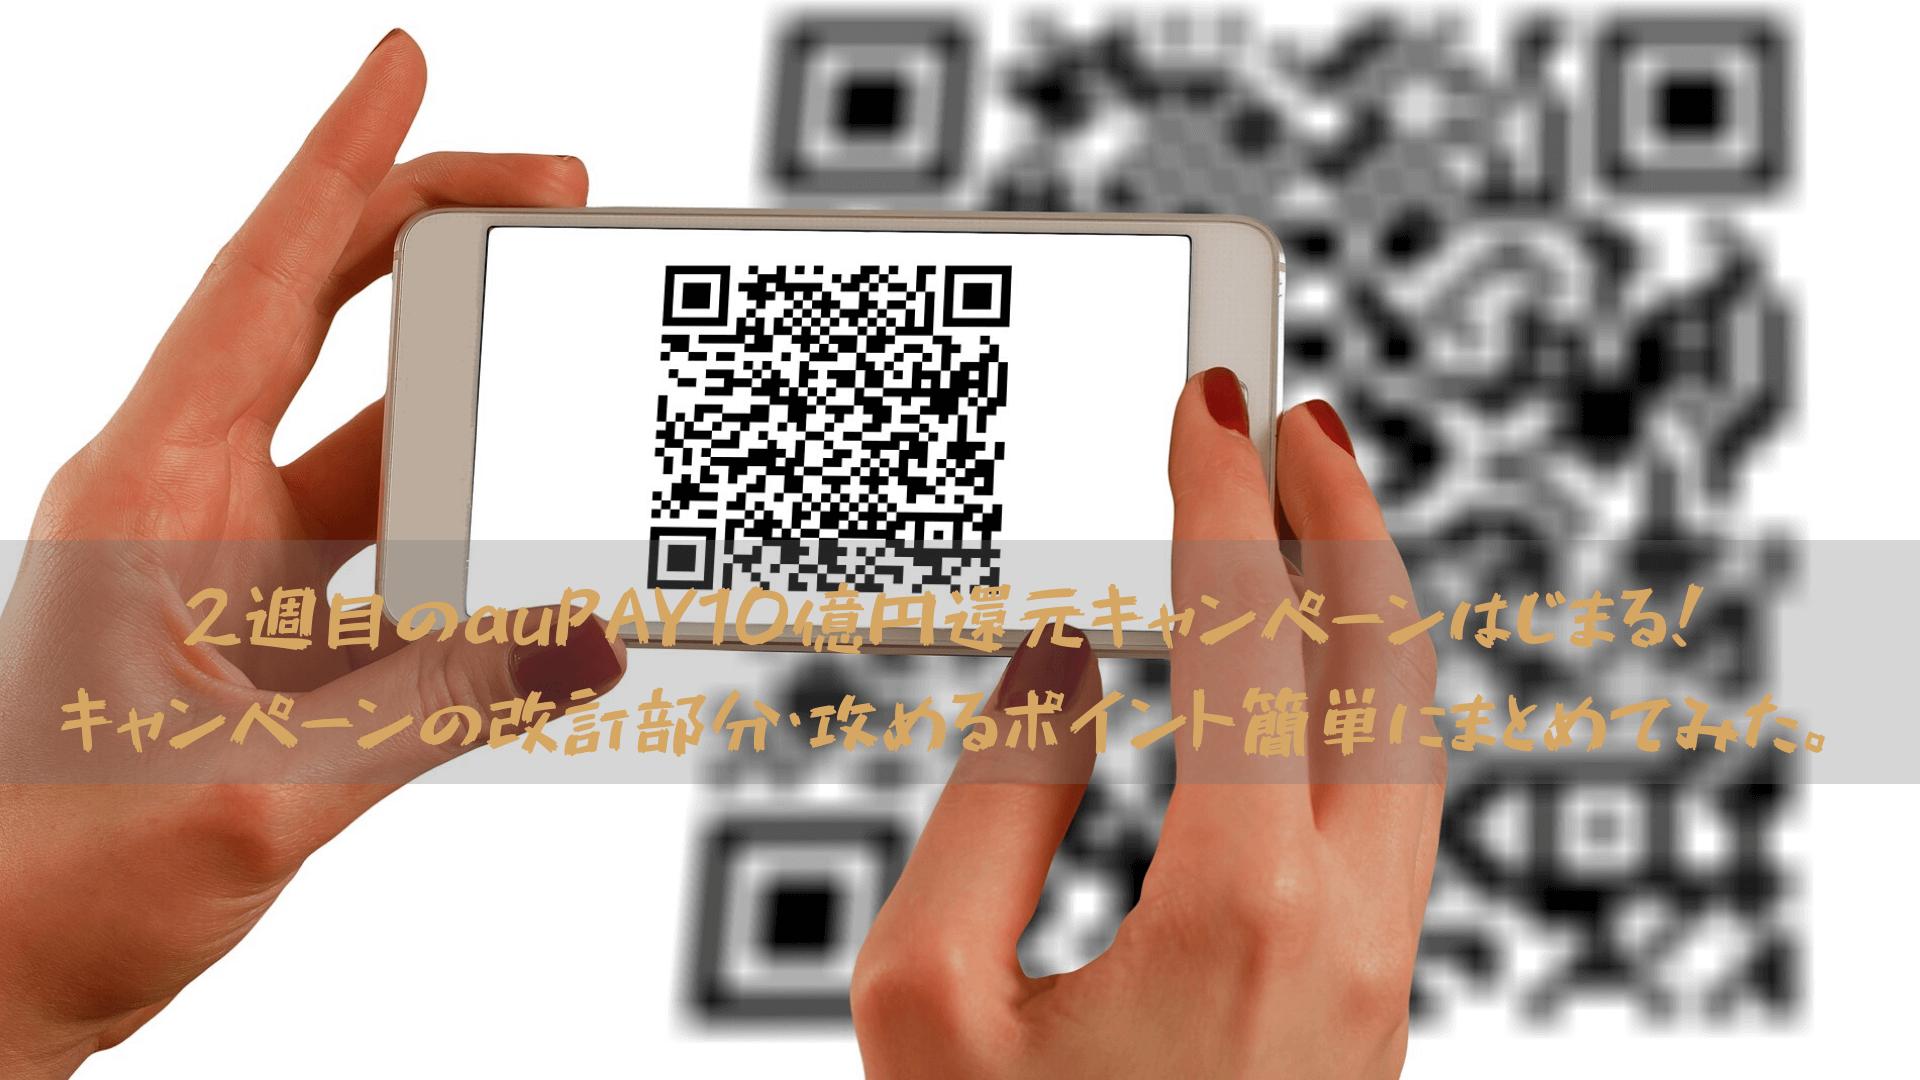 2週目のauPAY10億円還元キャンペーンはじまる!キャンペーンの改訂部分・攻めるポイント簡単にまとめてみた。